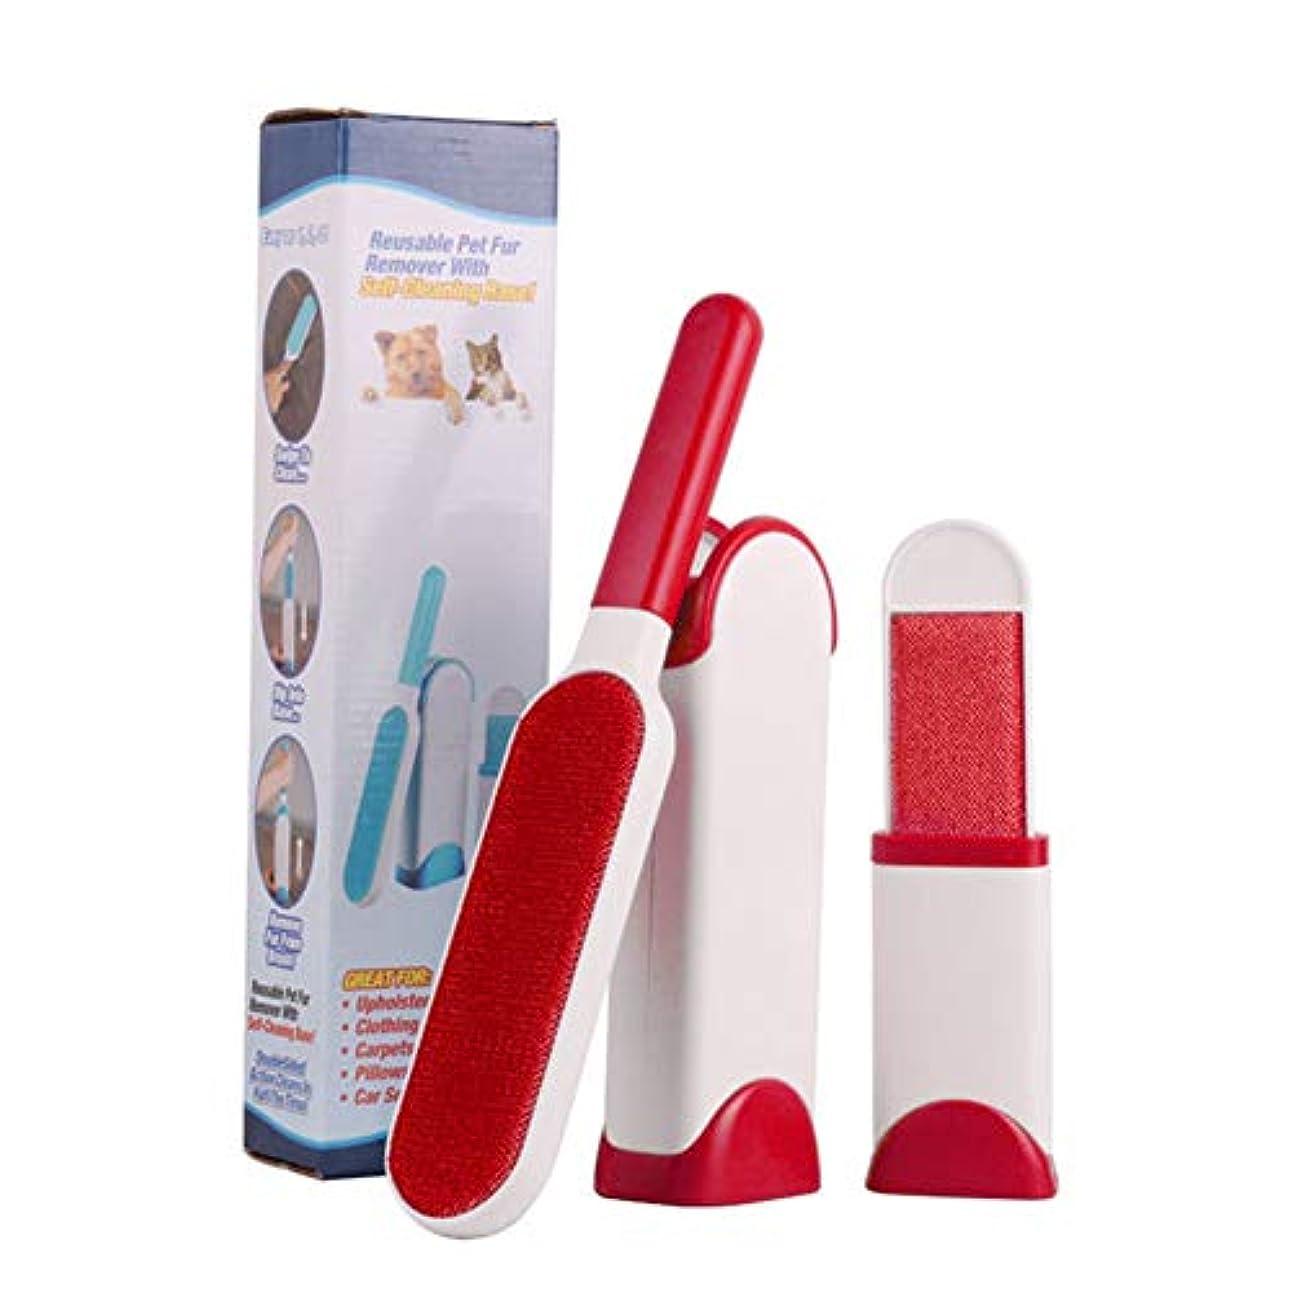 閲覧するエリートアトムペット用静電脱毛器は、汚れを落とし、バックルのデザインをきれいにするための軽いブラシのみを必要とし、簡単に取り外して洗って、時間を節約し、広く使用できます,赤